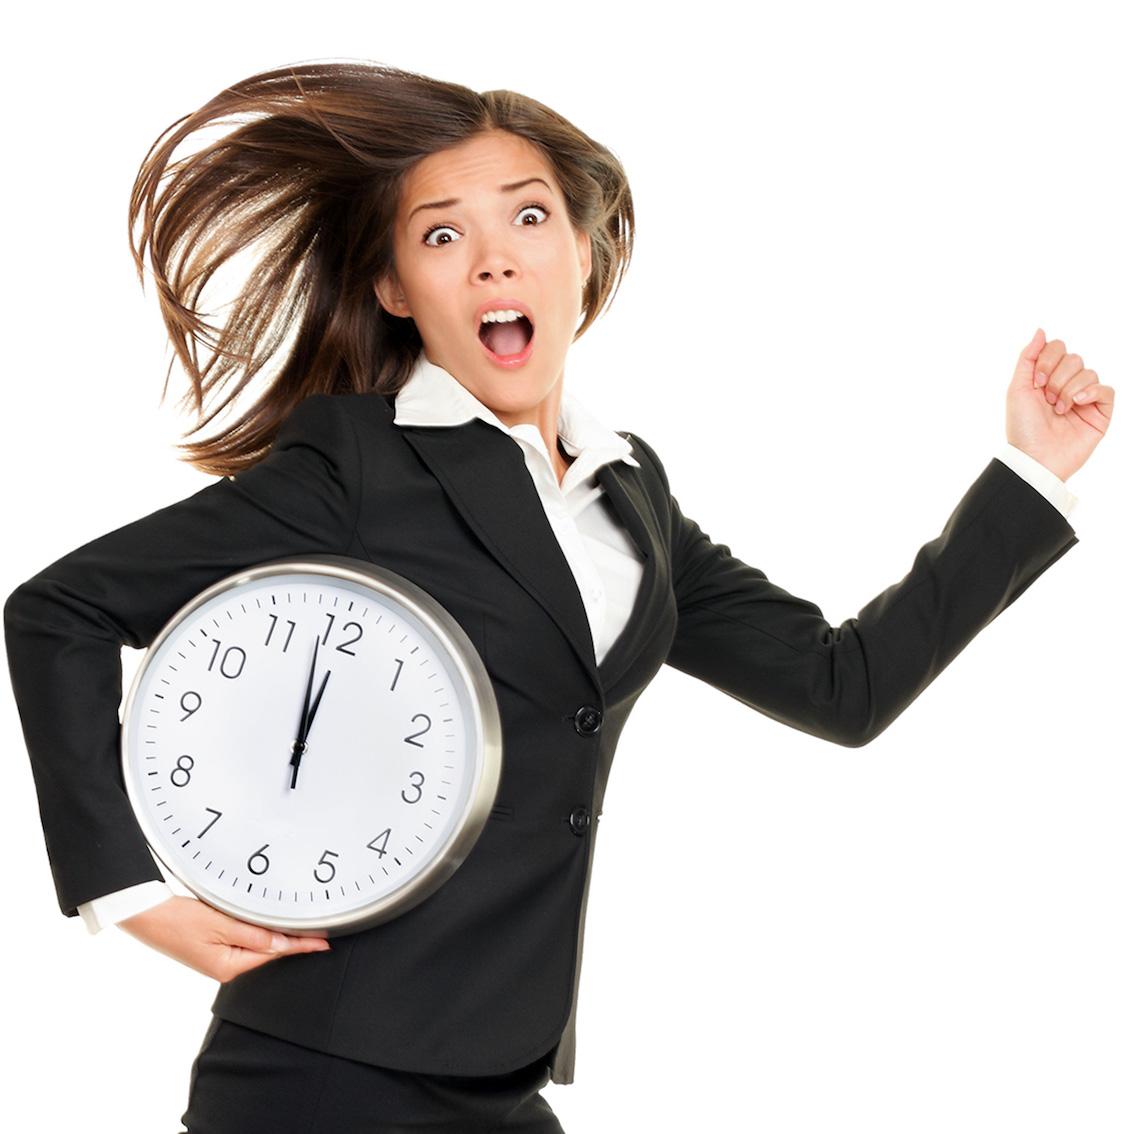 Увольнение за опоздание на работу: правила, сколько раз и на сколько можно опаздывать